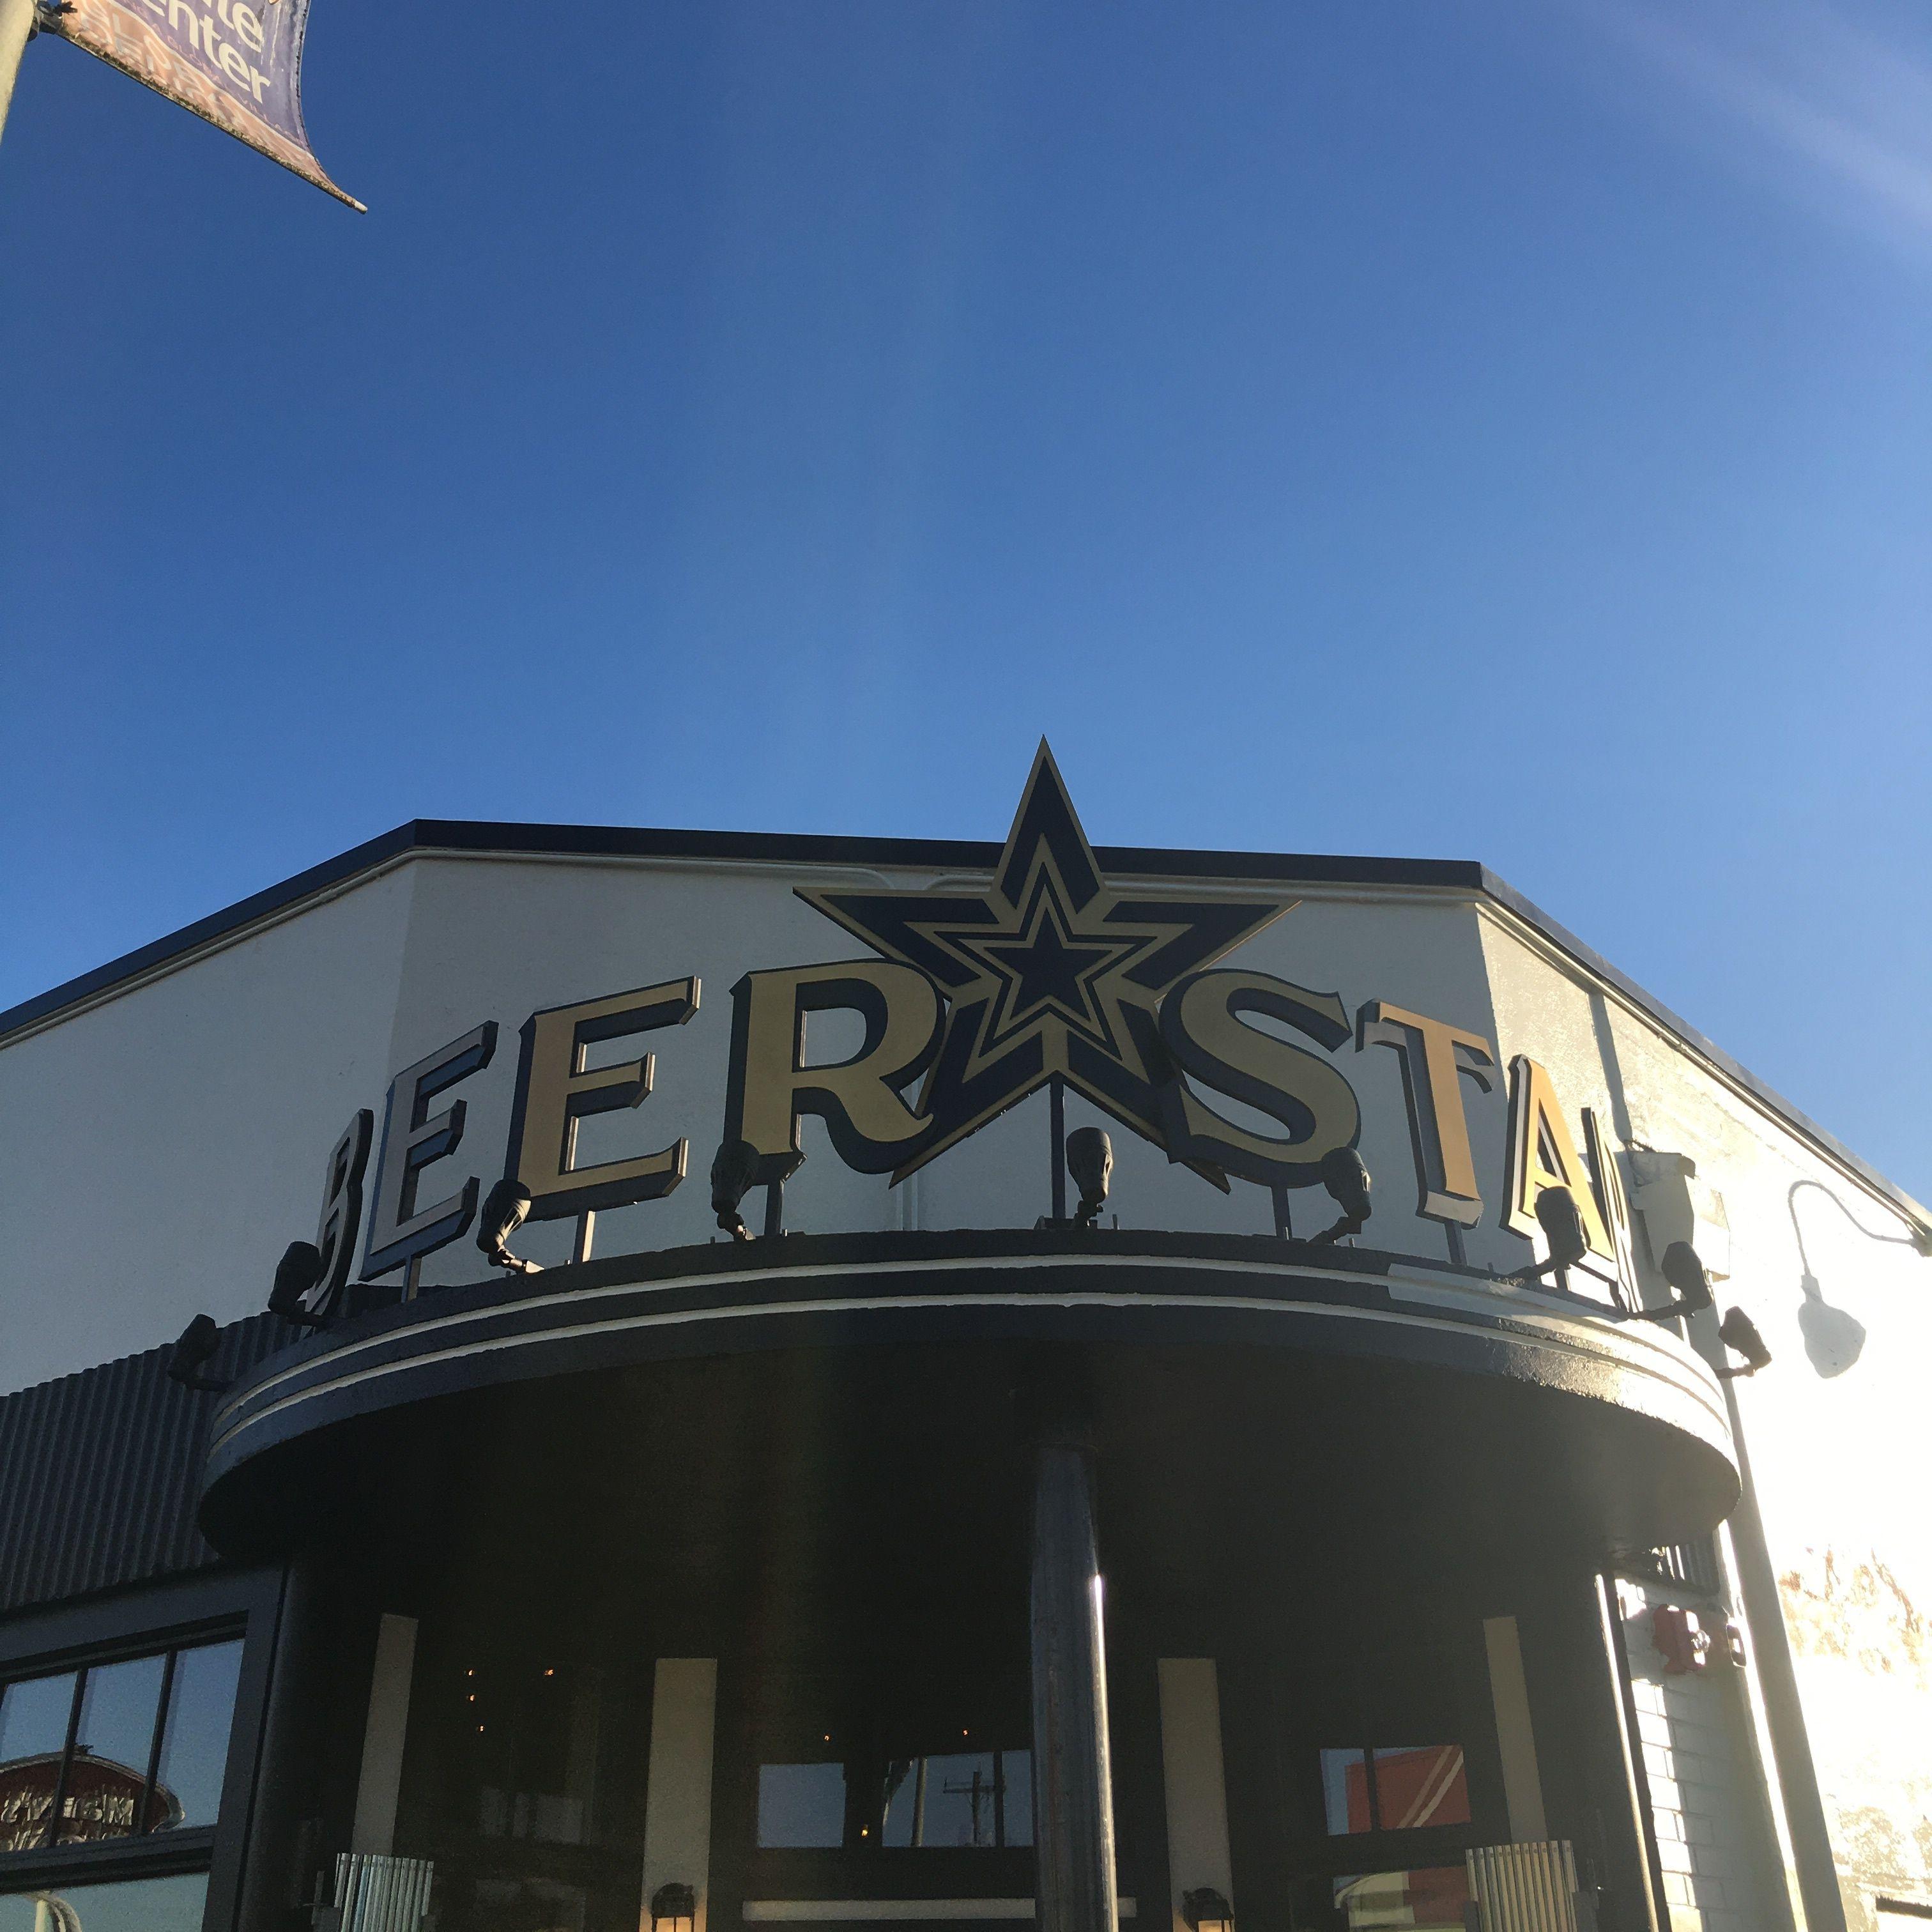 Beer star ioxkhn